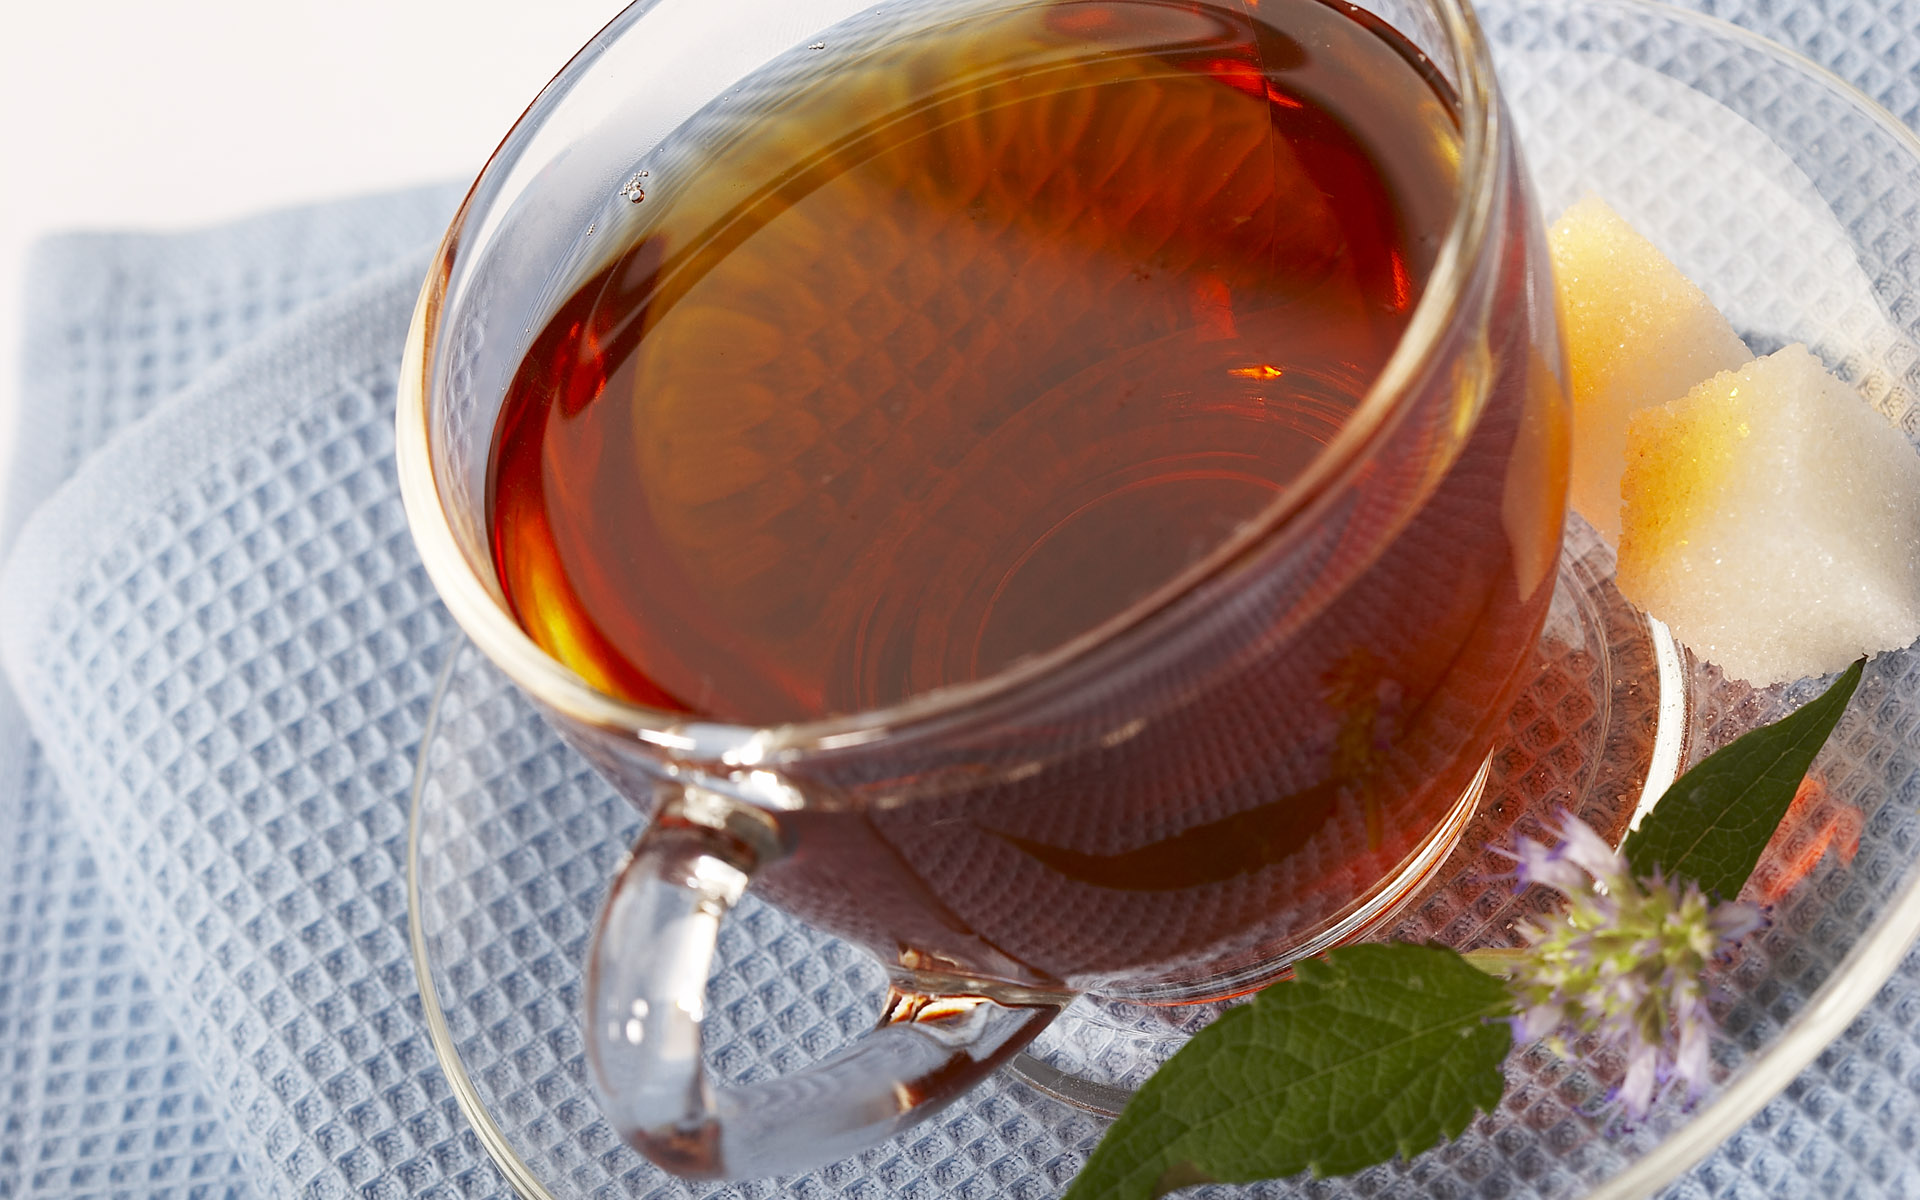 عد من 1 الى 5 واطلب من عضو يسوي لك شاي..  - صفحة 3 1496-iced-tea-with-lemon-and-mint